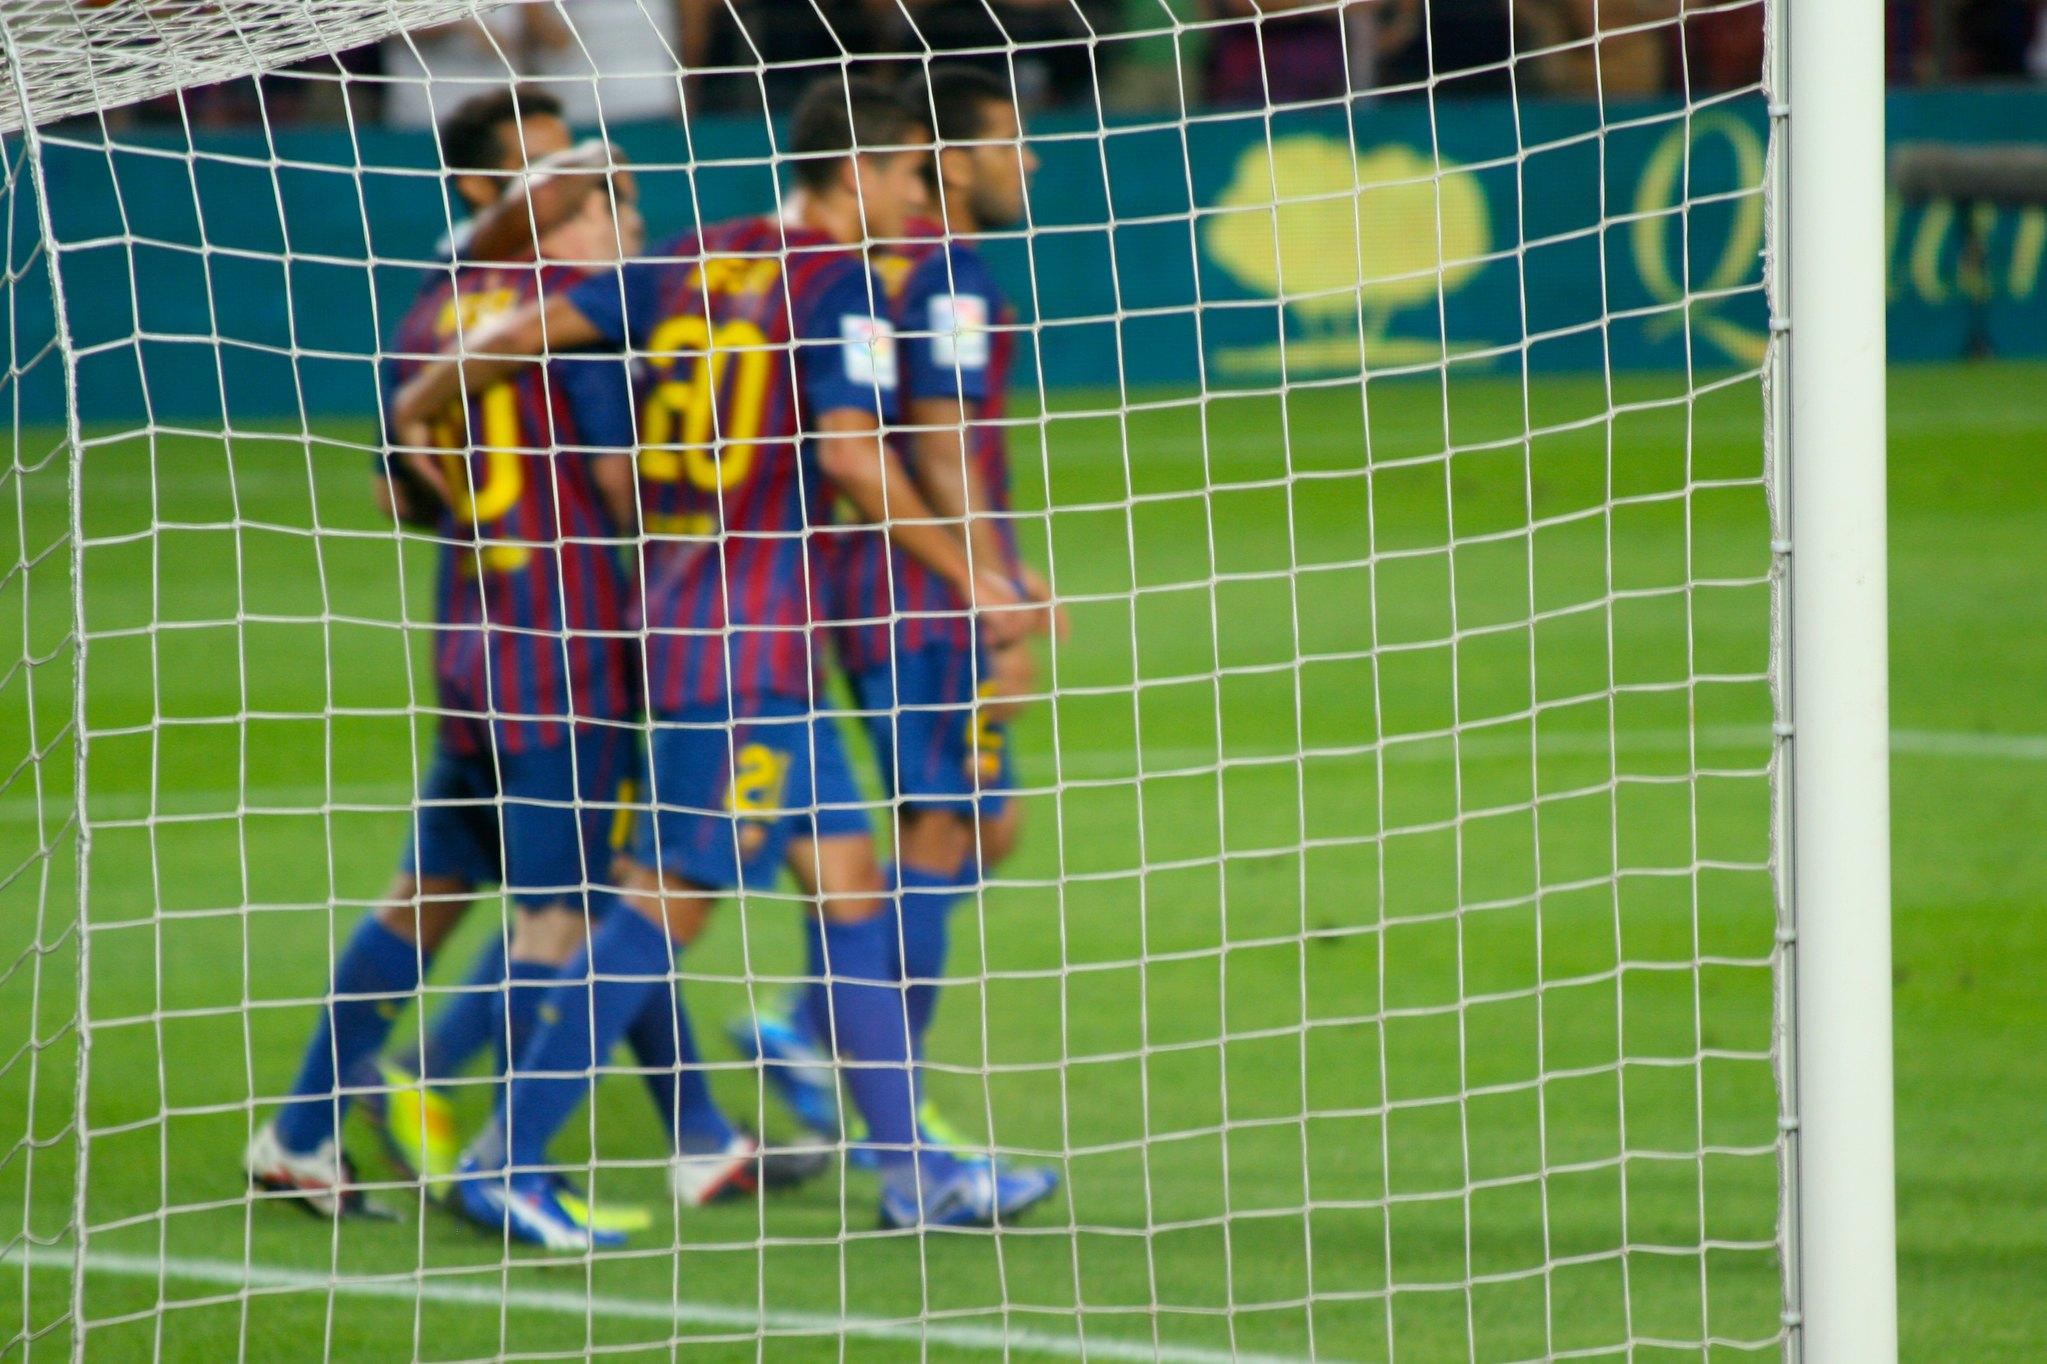 Superliga europea: 12 de los principales clubes de fútbol abren una guerra con la UEFA y las ligas nacionales.